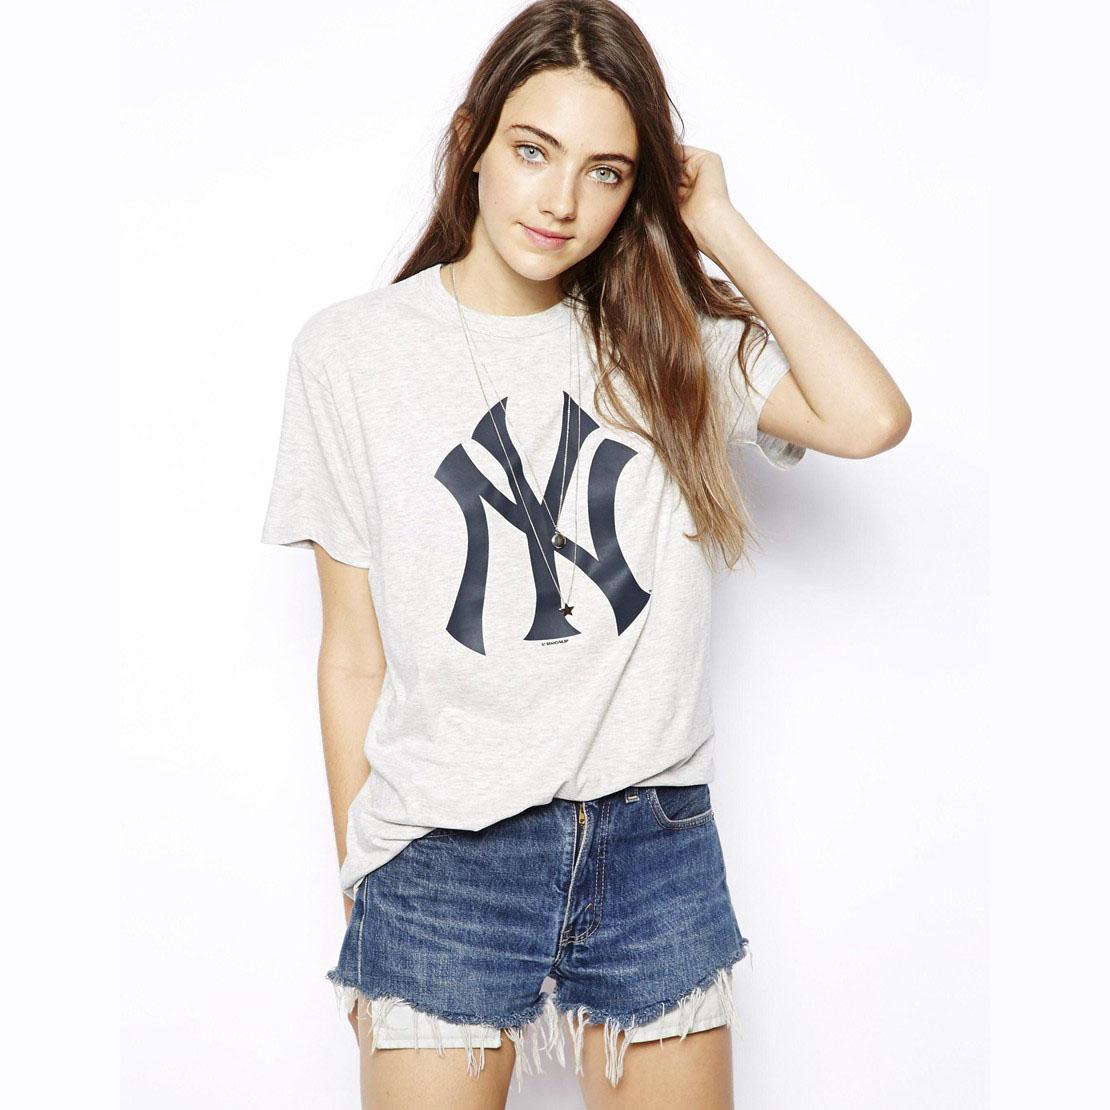 цена Футболка Haoduoyi 02131005 New York Yankees LOGO онлайн в 2017 году